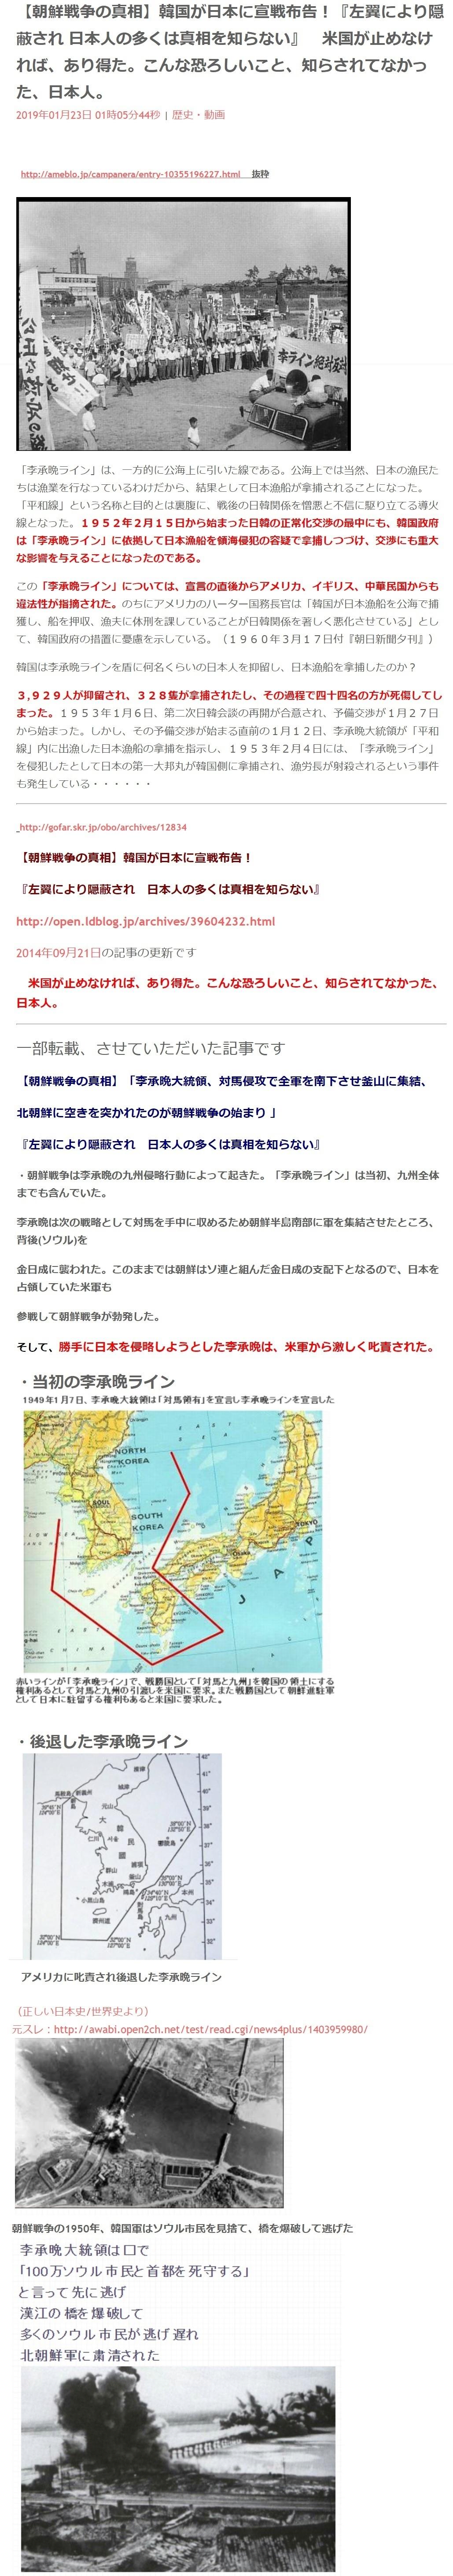 日本を敵国とし、何度も侵略戦争を移そうとしたチョン国1_1